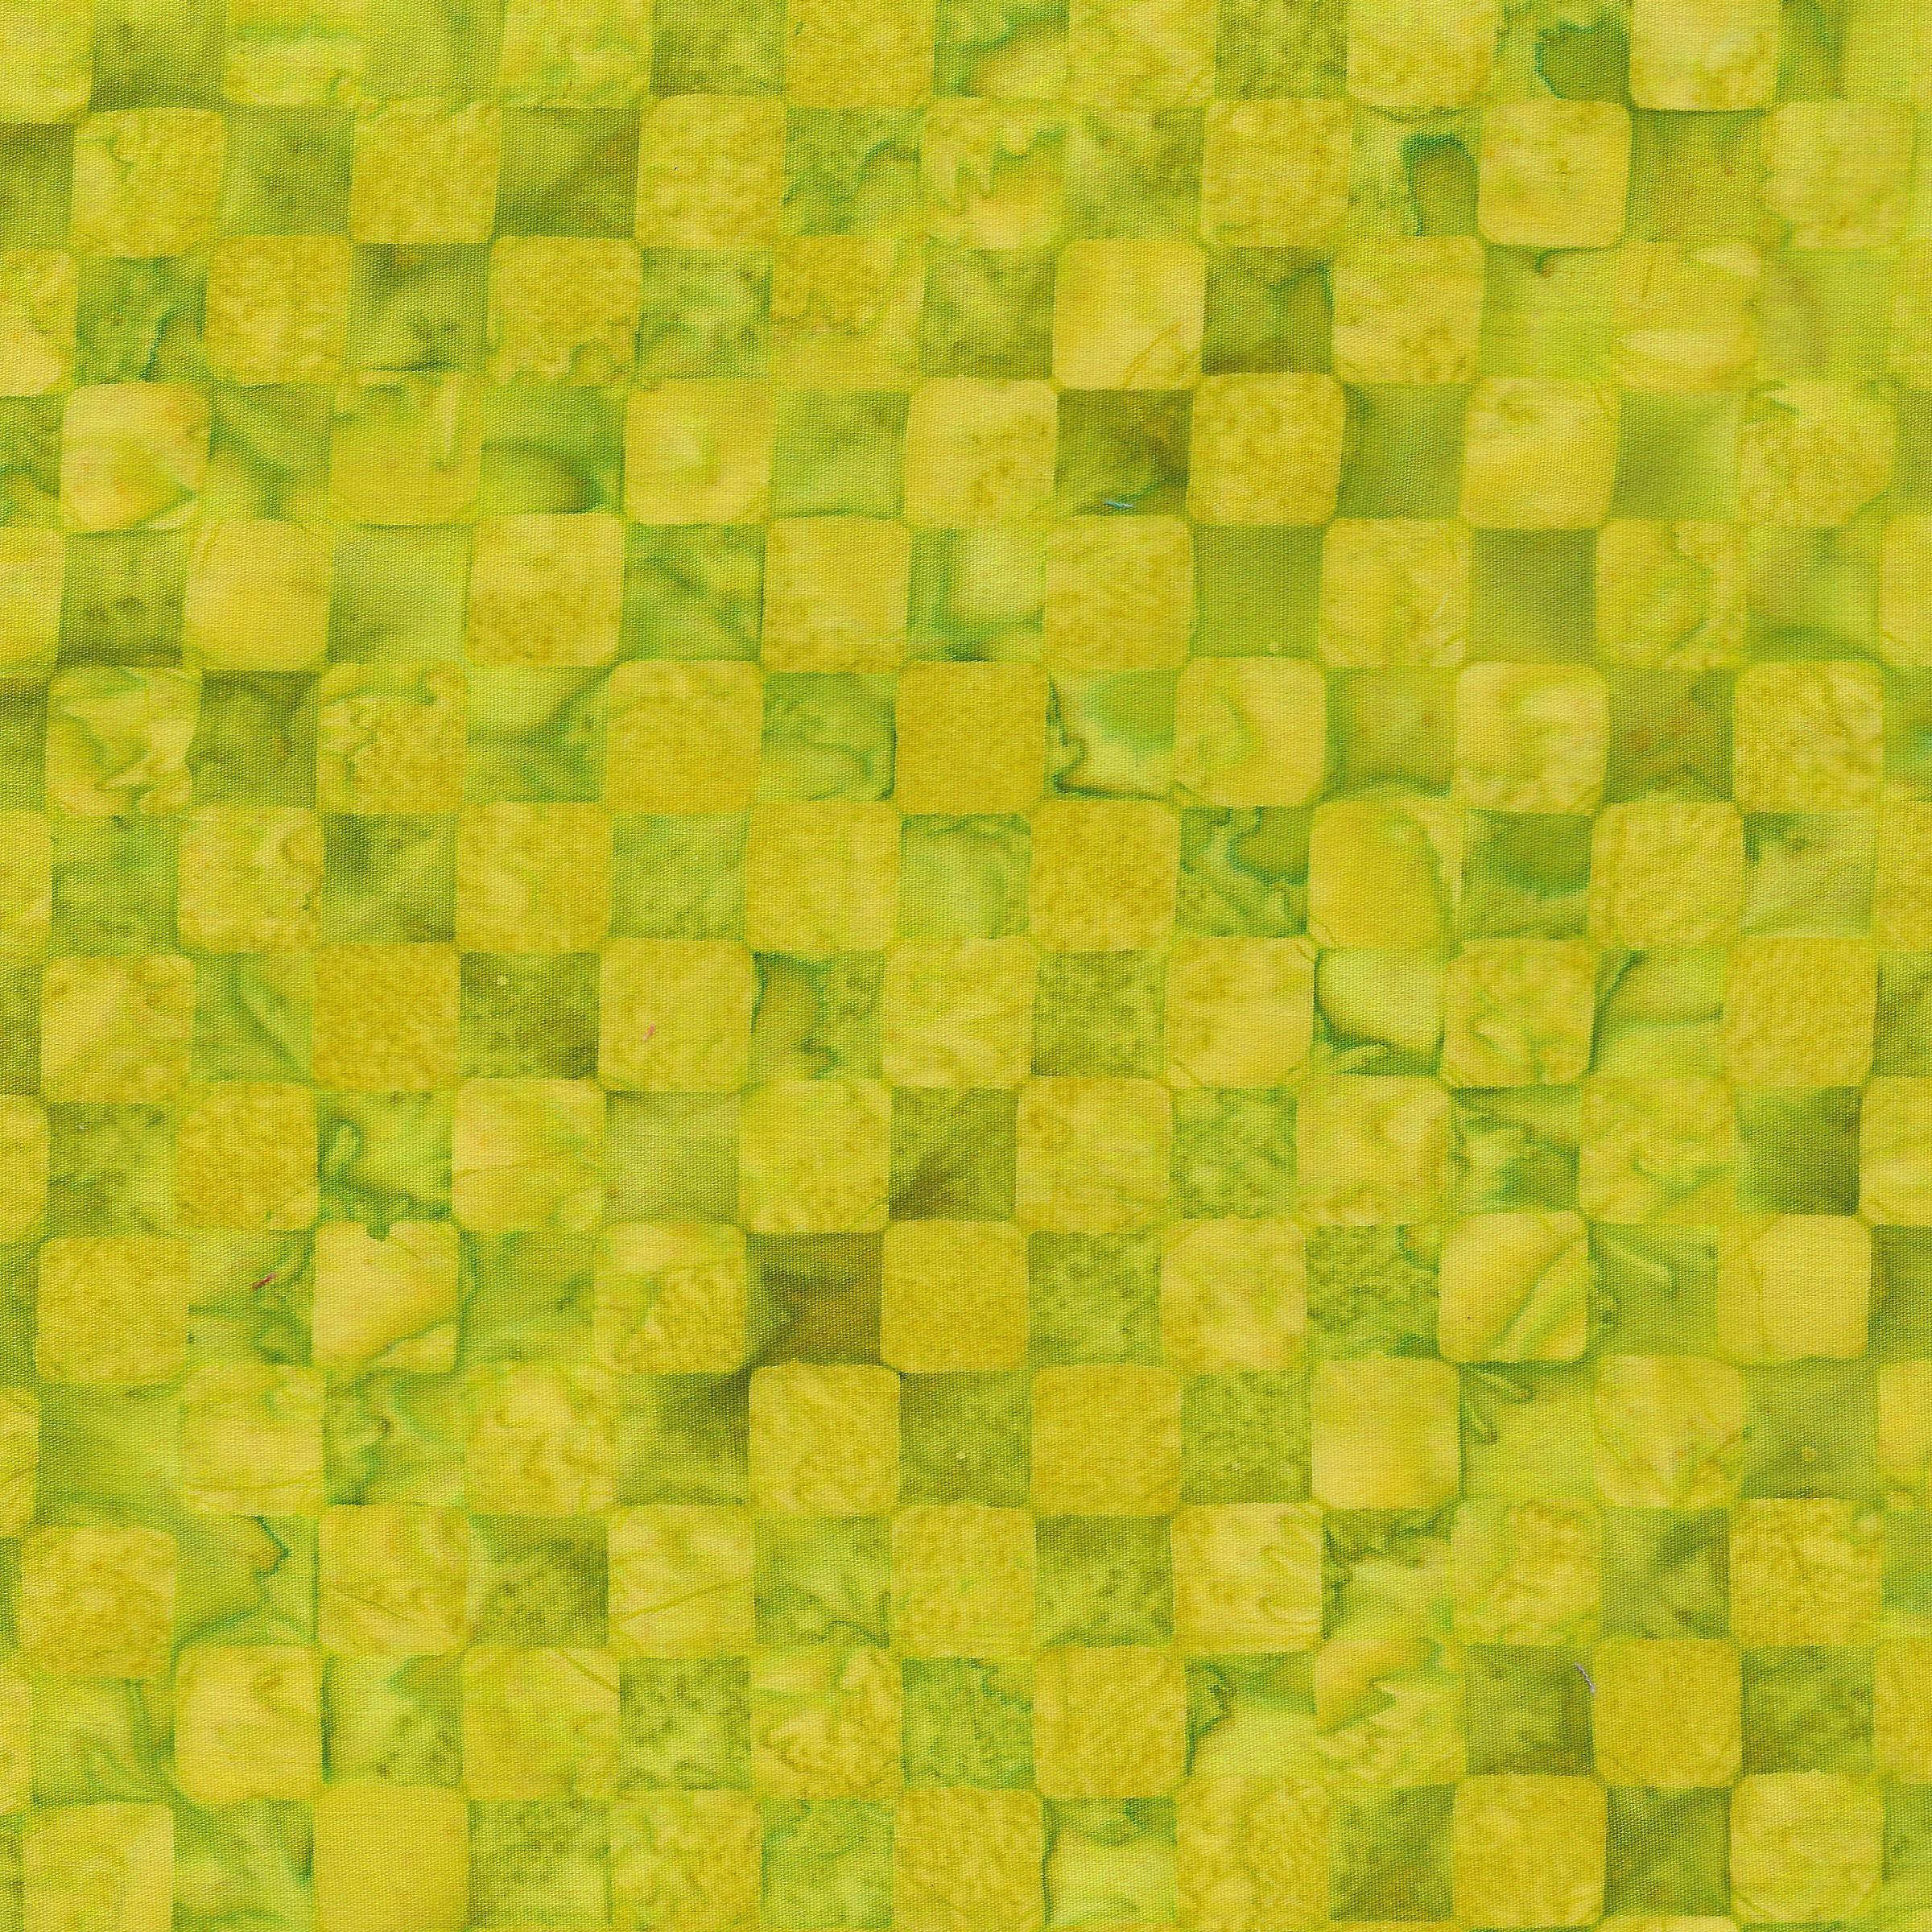 121809612 / Check -Lemon Lime